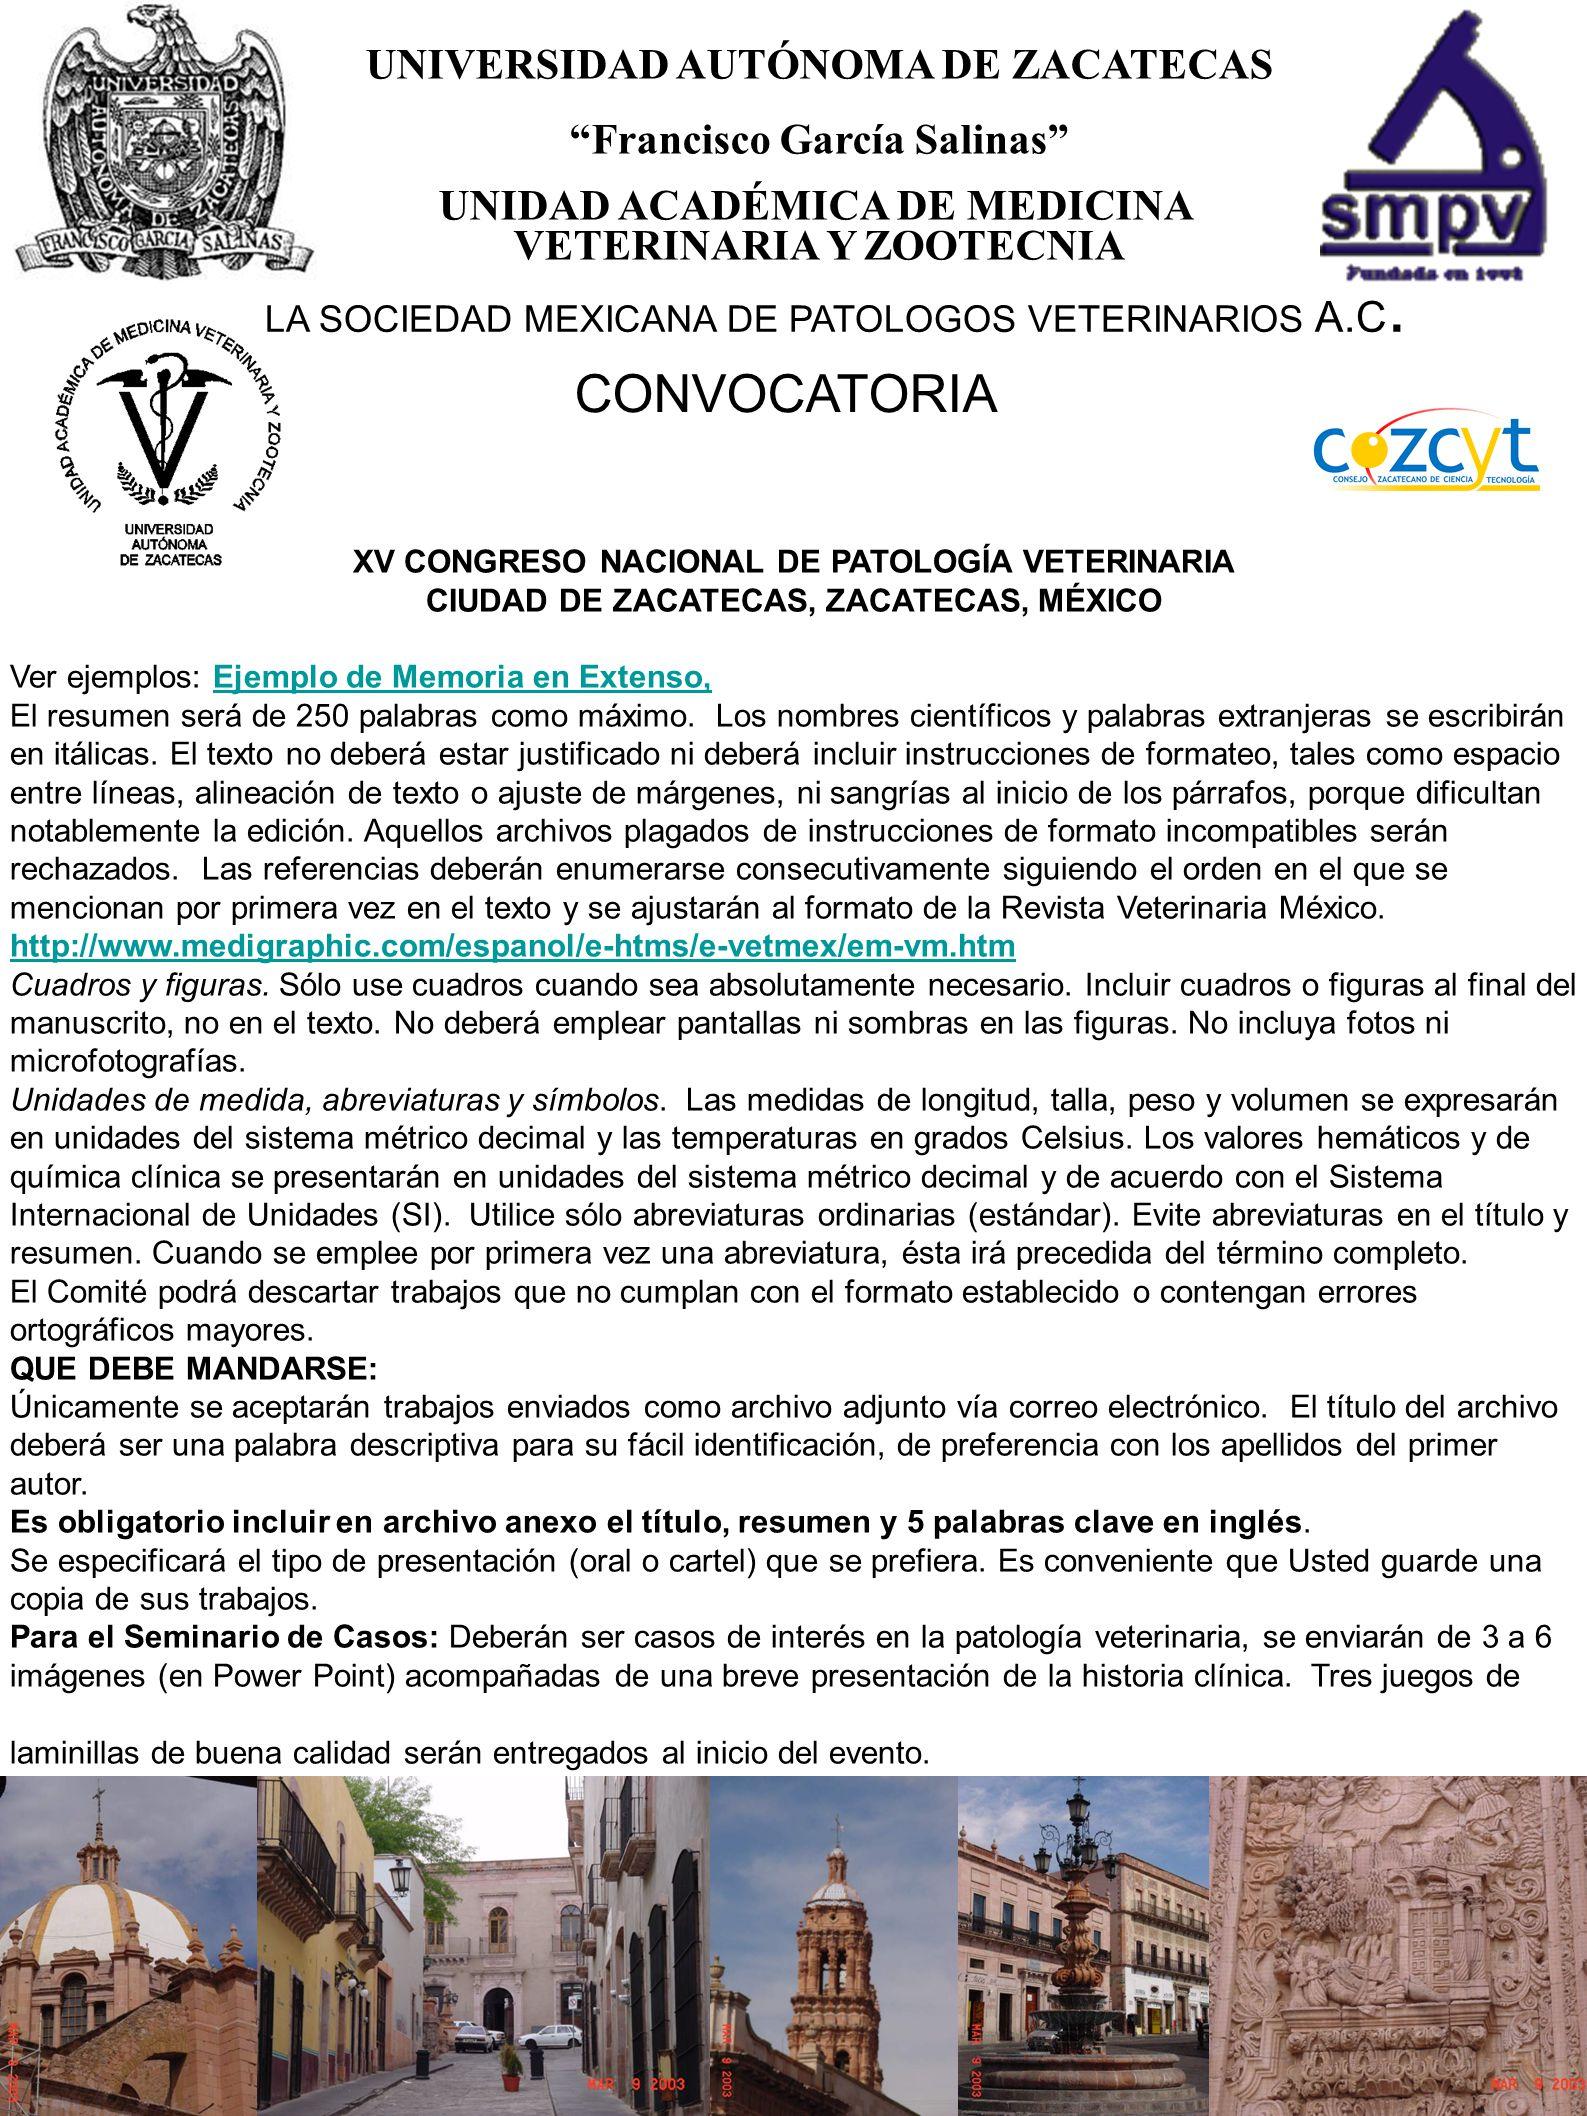 4 UNIVERSIDAD AUTÓNOMA DE ZACATECAS Francisco García Salinas UNIDAD ACADÉMICA DE MEDICINA VETERINARIA Y ZOOTECNIA CONVOCATORIA LA SOCIEDAD MEXICANA DE